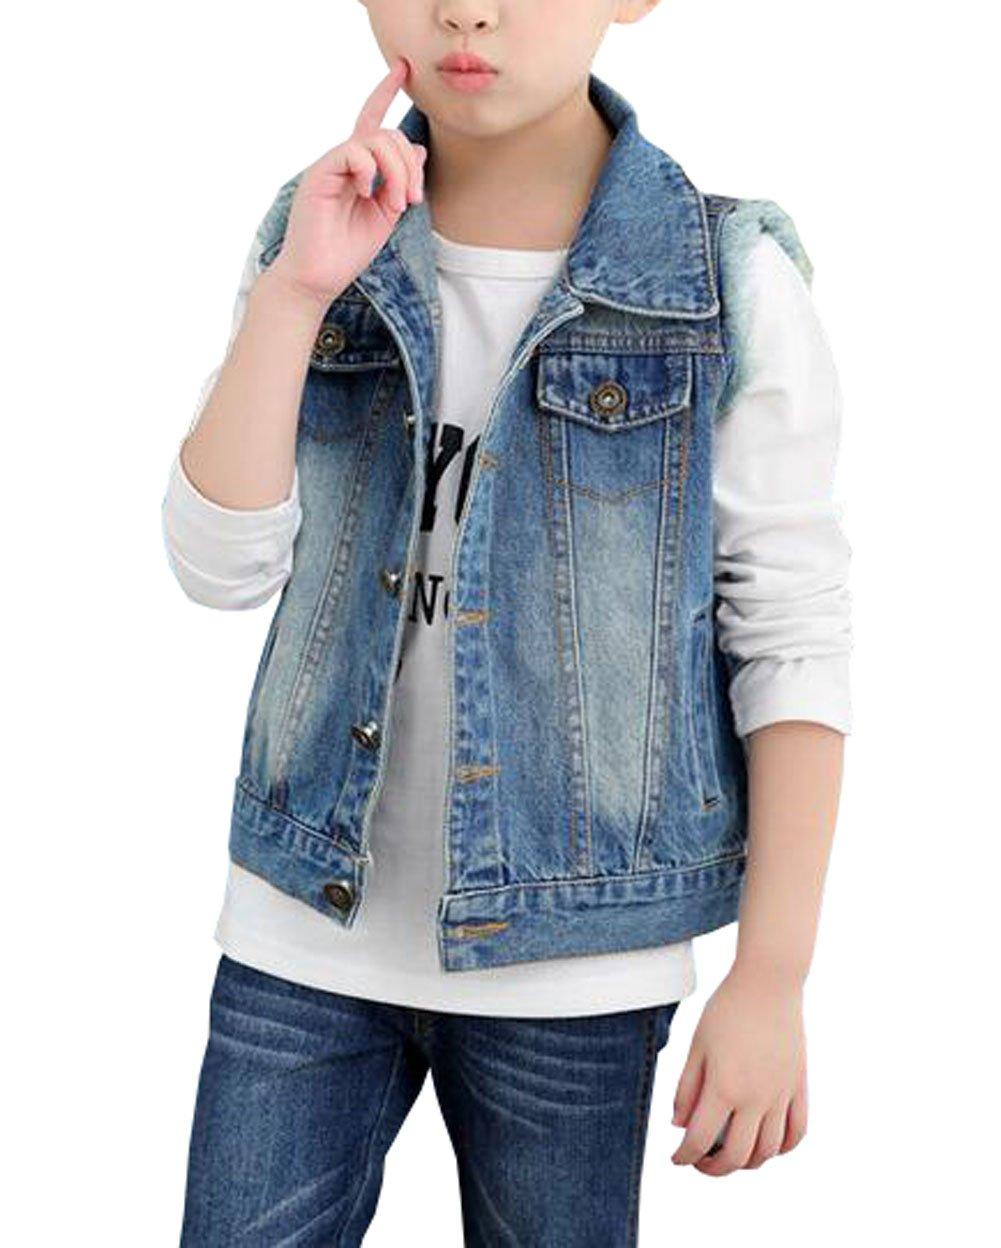 MYtodo Girls Lapel Vest Children Short Section Sleeveless Denim Jacket (4-5 Years)